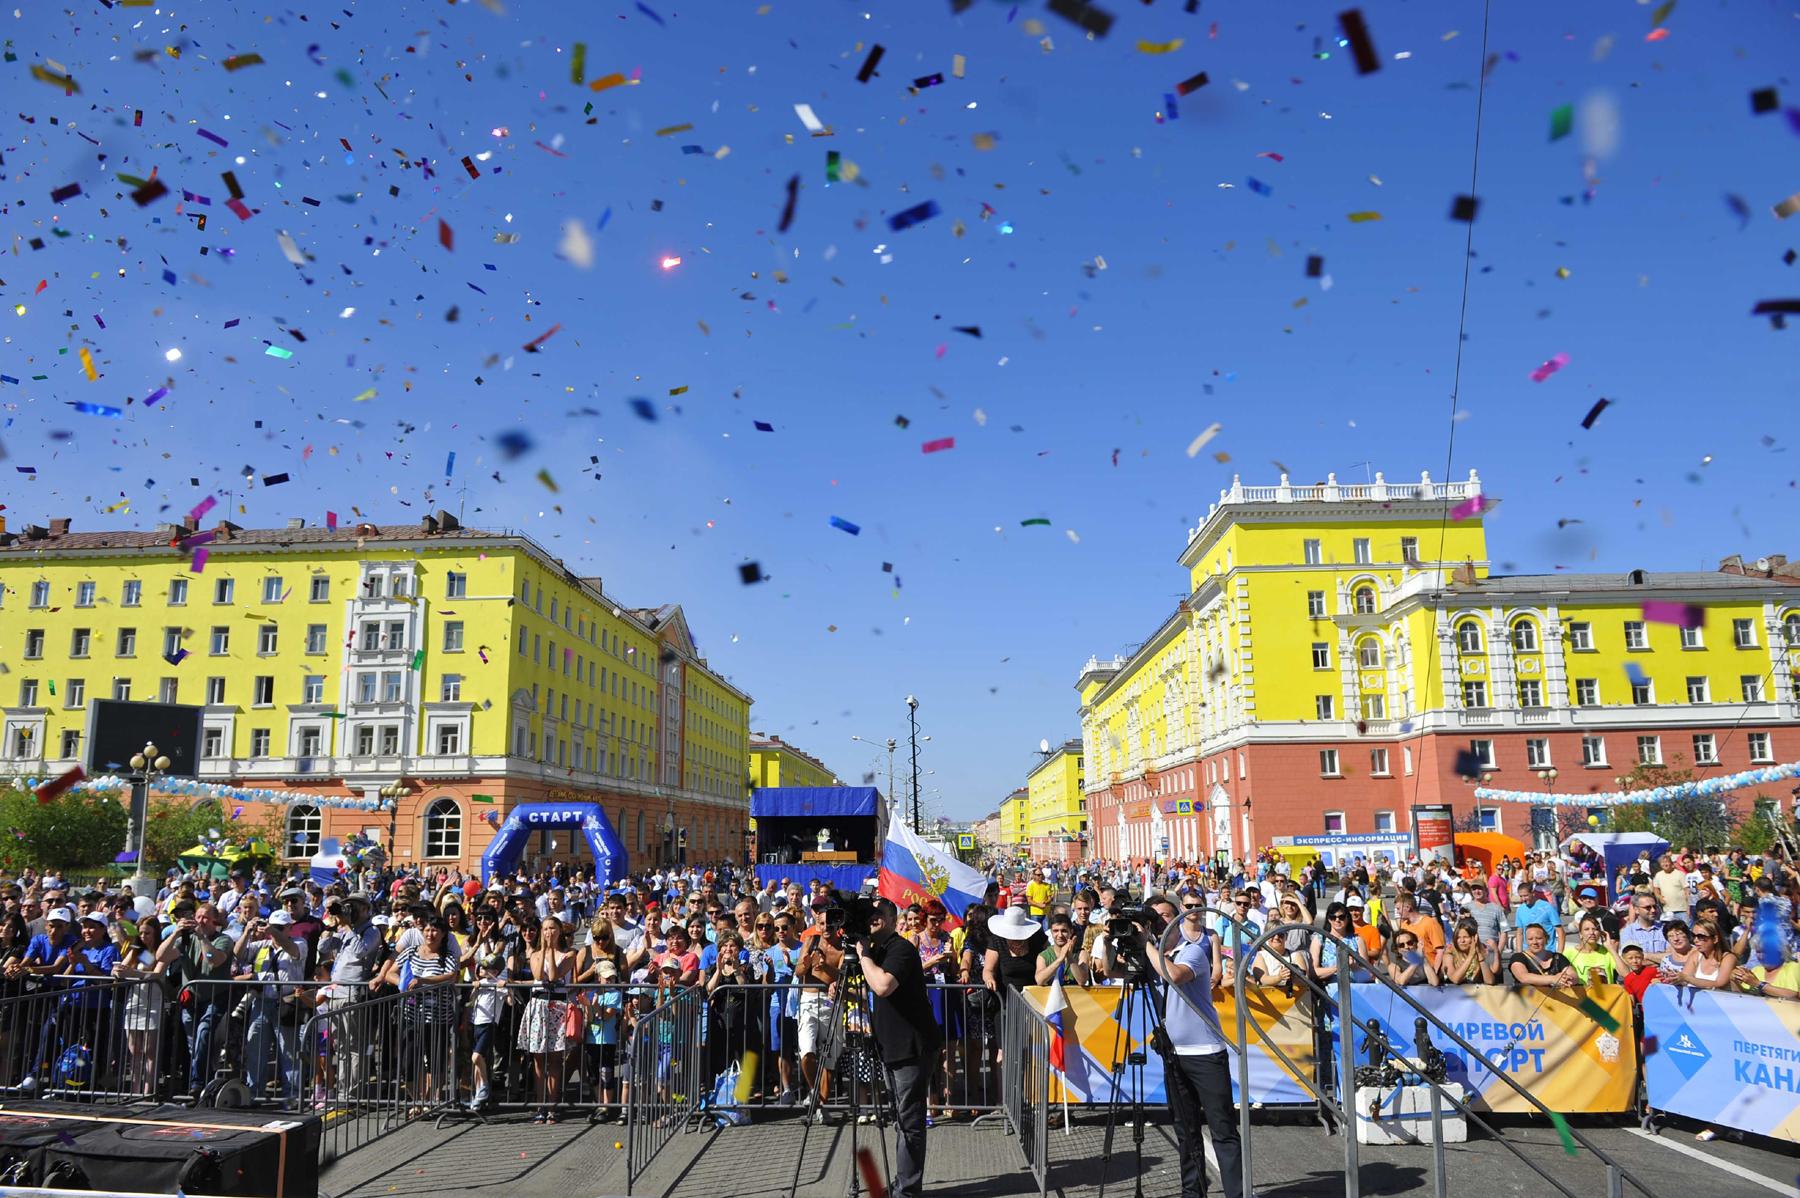 открытки с днем города дудинка русски